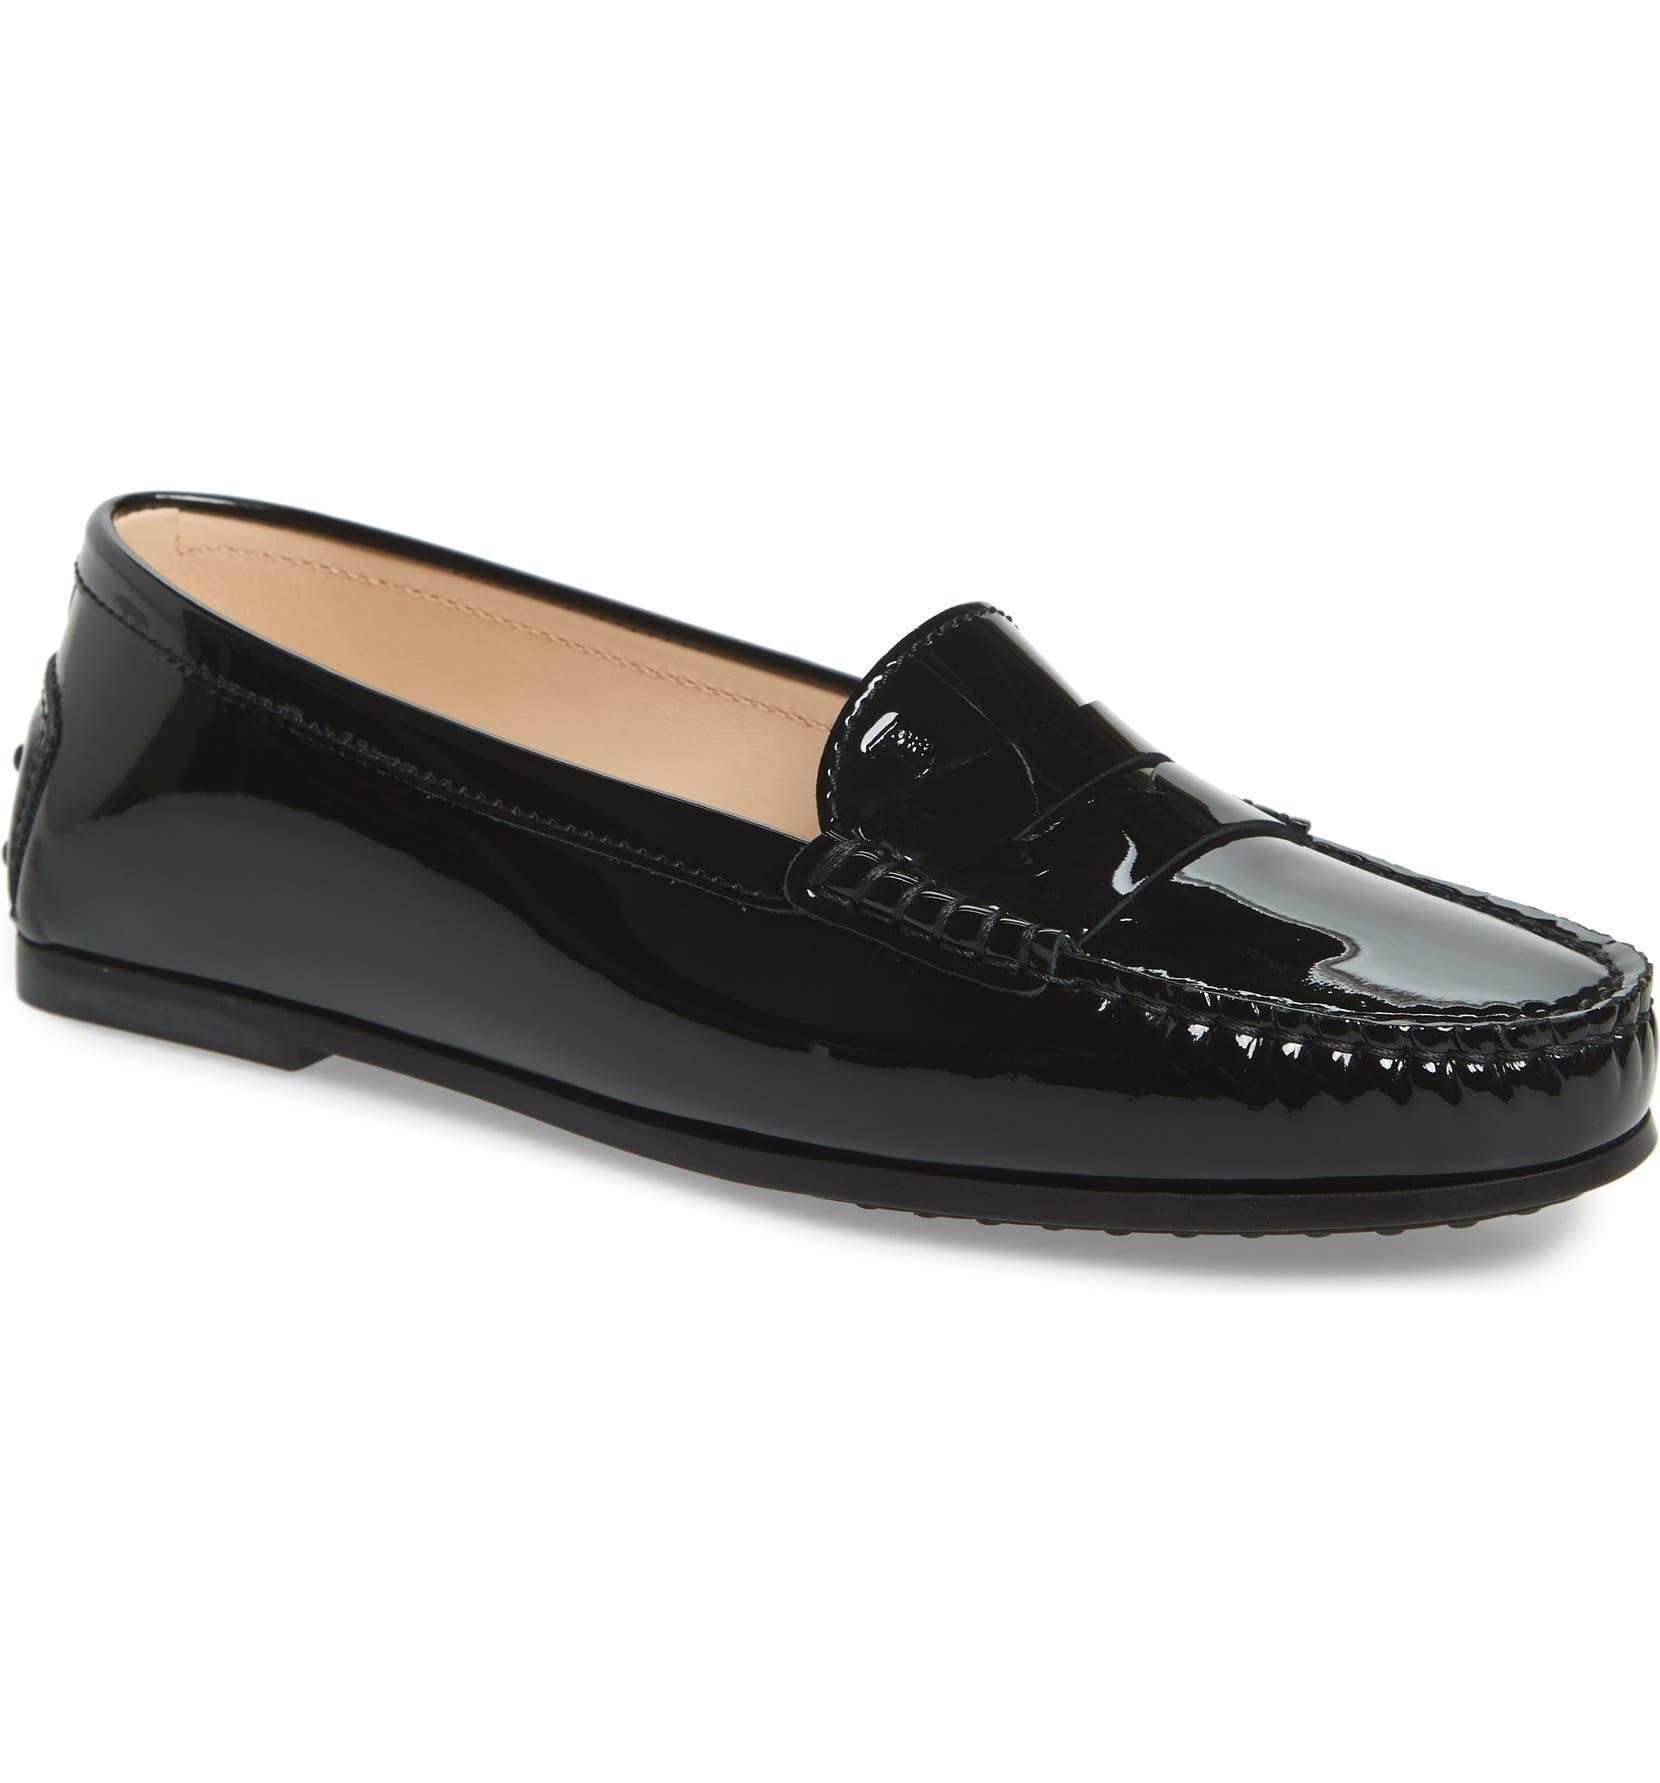 1b0d43ec7 Tod's New City Gommino Loafer (Women) | Nordstrom